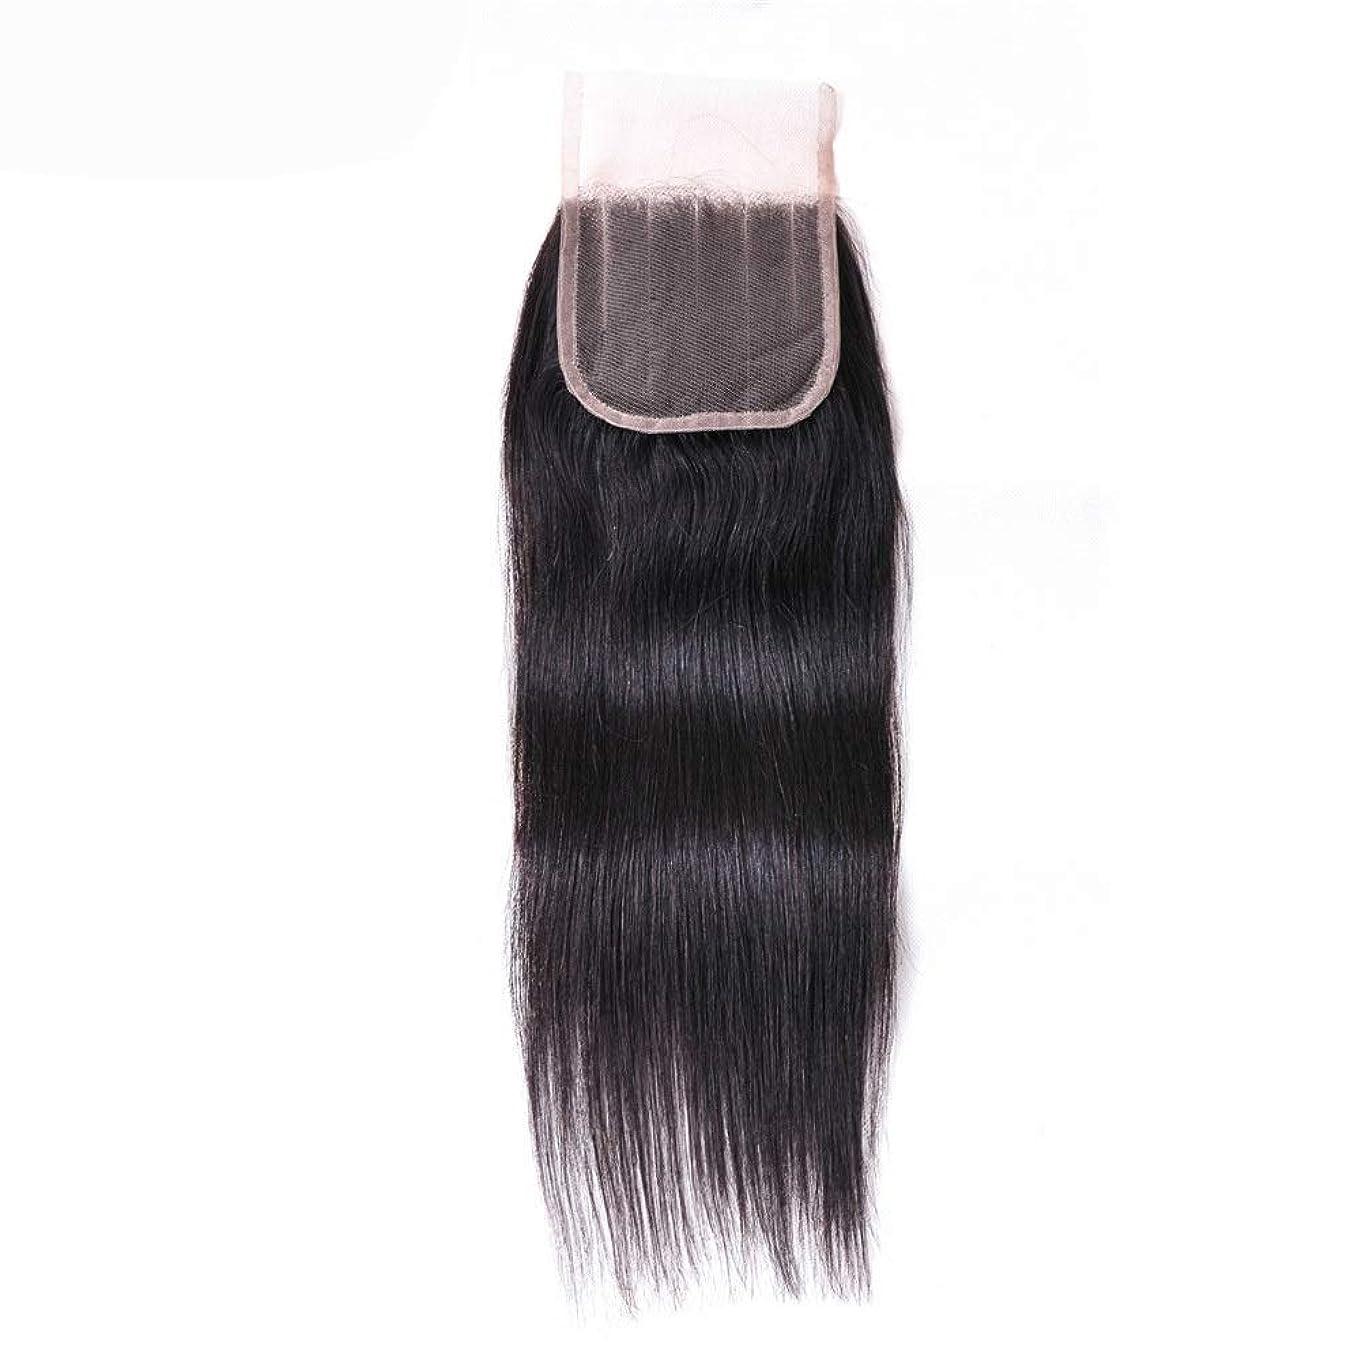 テメリティサーカスナプキンBOBIDYEE 4×4ディープ5パートストレートレースの閉鎖ブラジルの人間の毛髪の閉鎖ナチュラルカラー女性複合かつらレースかつらロールプレイングかつら (色 : 黒, サイズ : 14 inch)